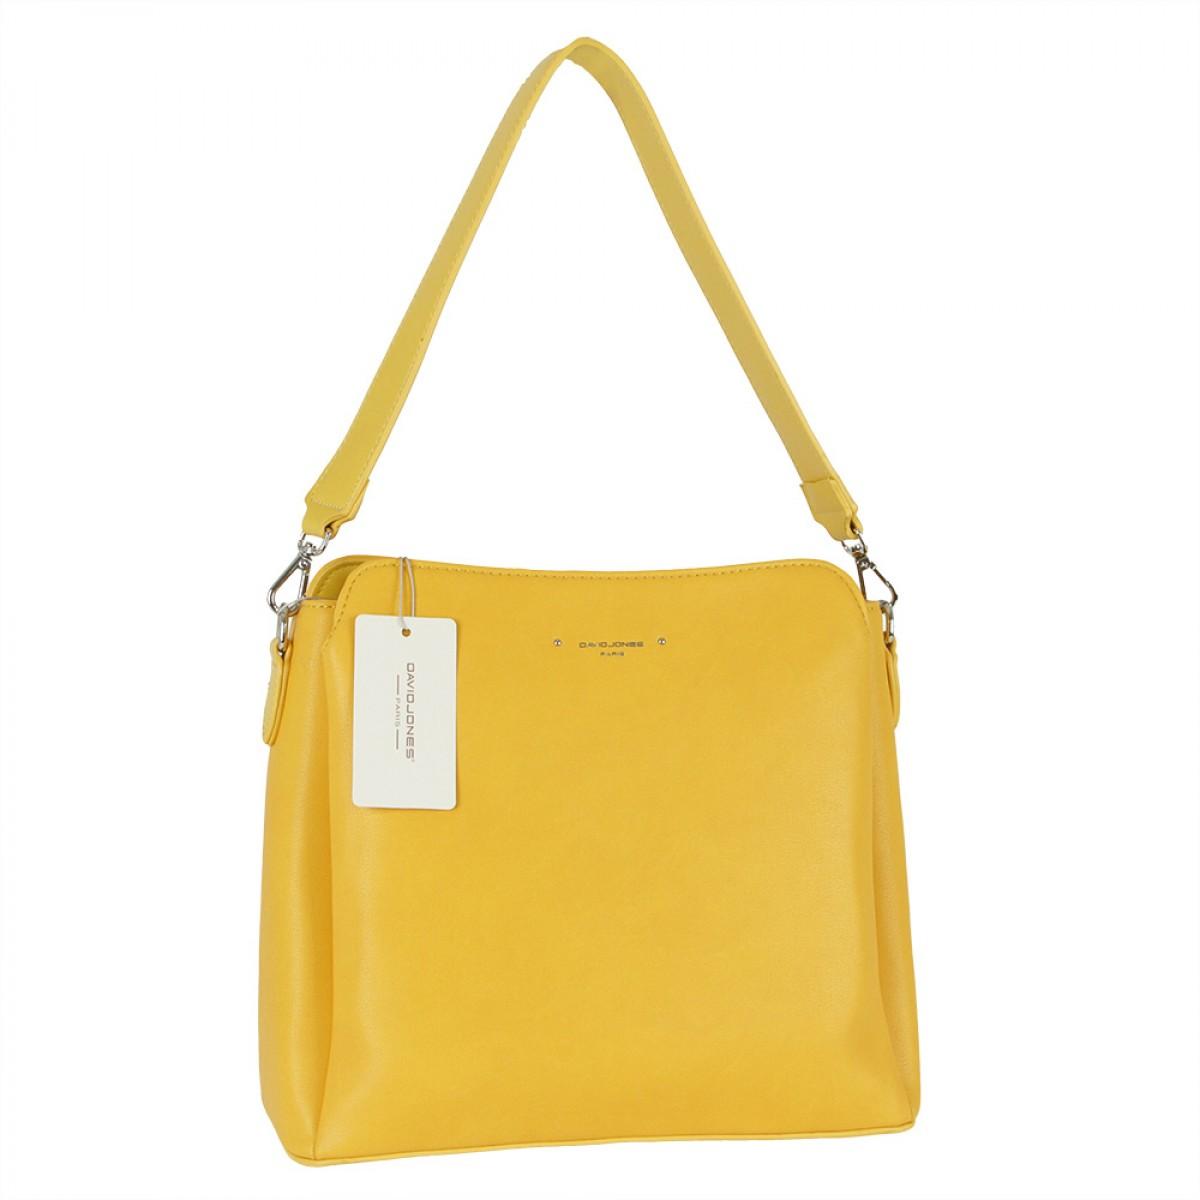 Жіноча сумка David Jones 6295-1 YELLOW